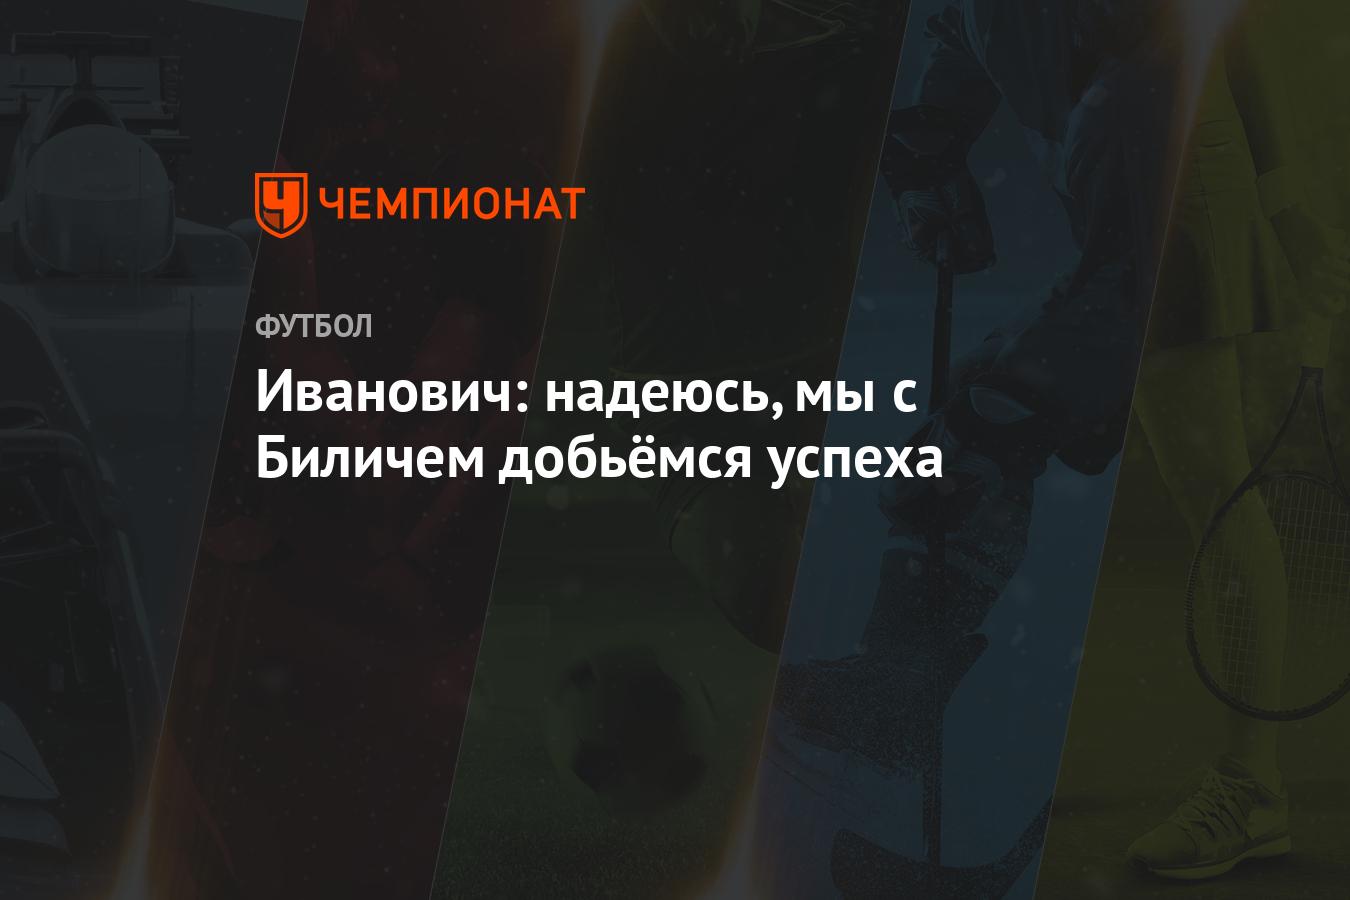 Иванович: надеюсь, мы с Биличем добьёмся успеха